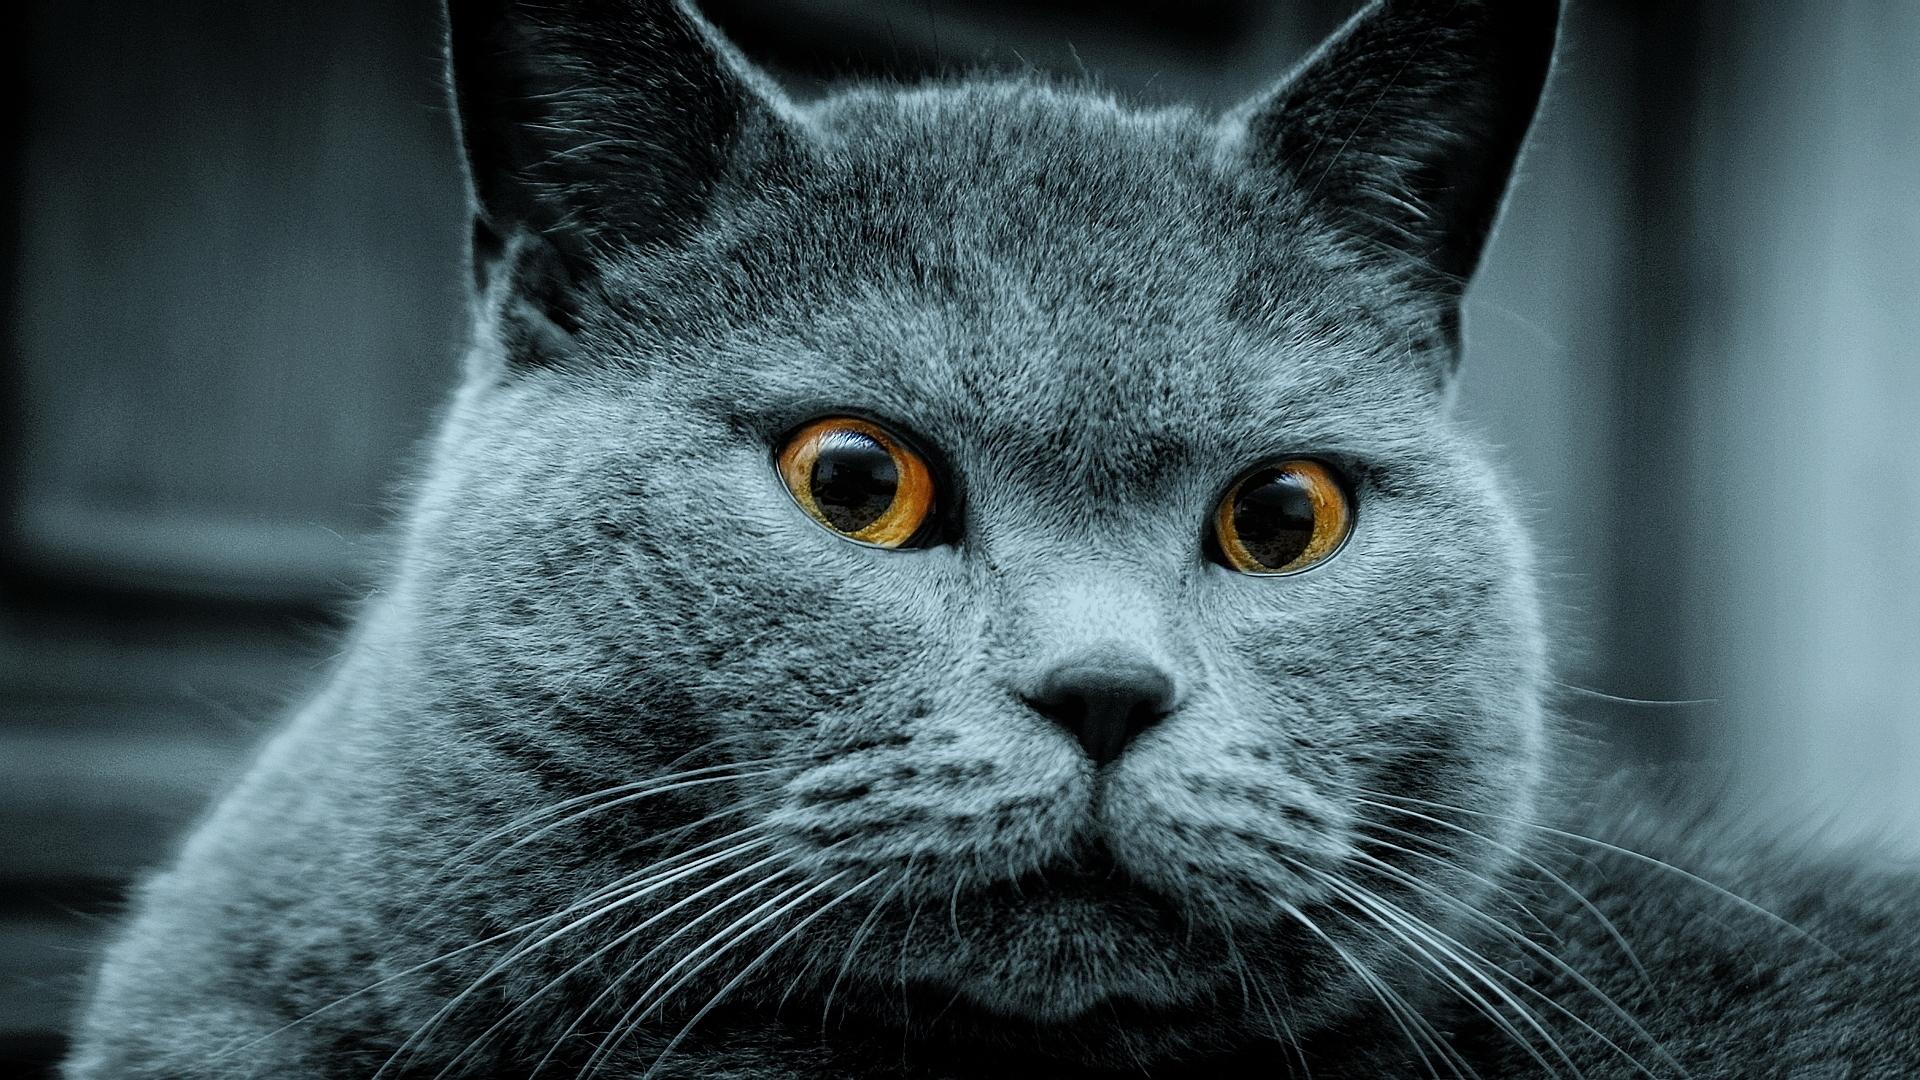 49704 免費下載 蓝绿色 手機壁紙,动物, 猫 蓝绿色 圖像和手機屏保